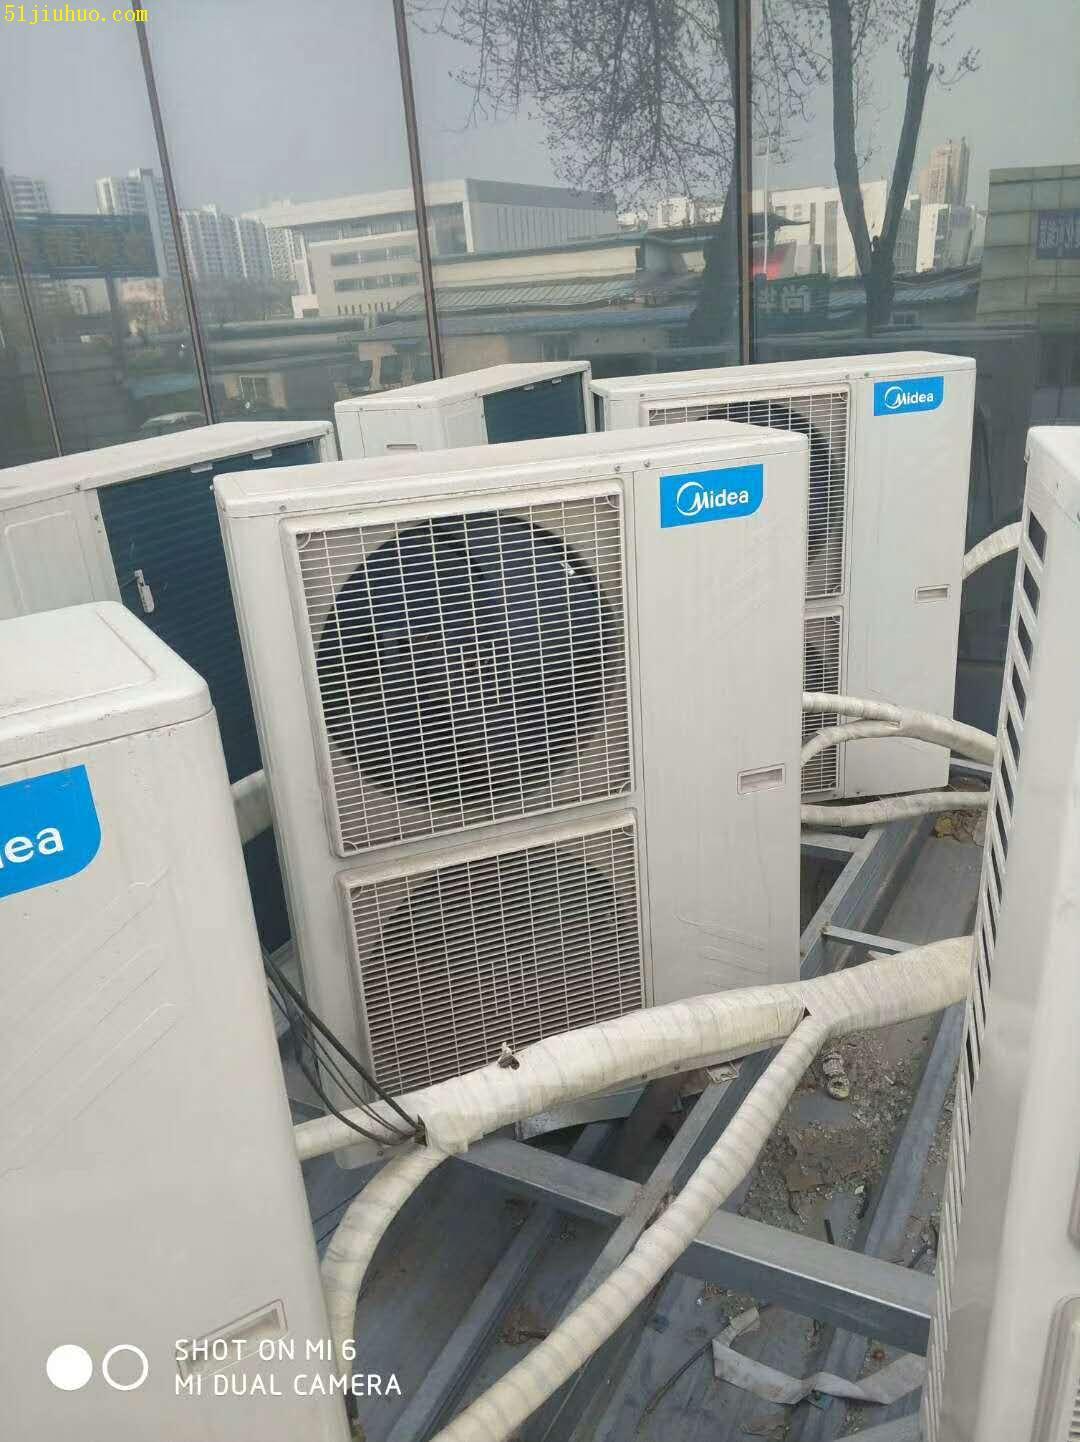 南昌二手电器回收:高价回收空调、电脑、冰箱冰柜、制冷设备、音响设备